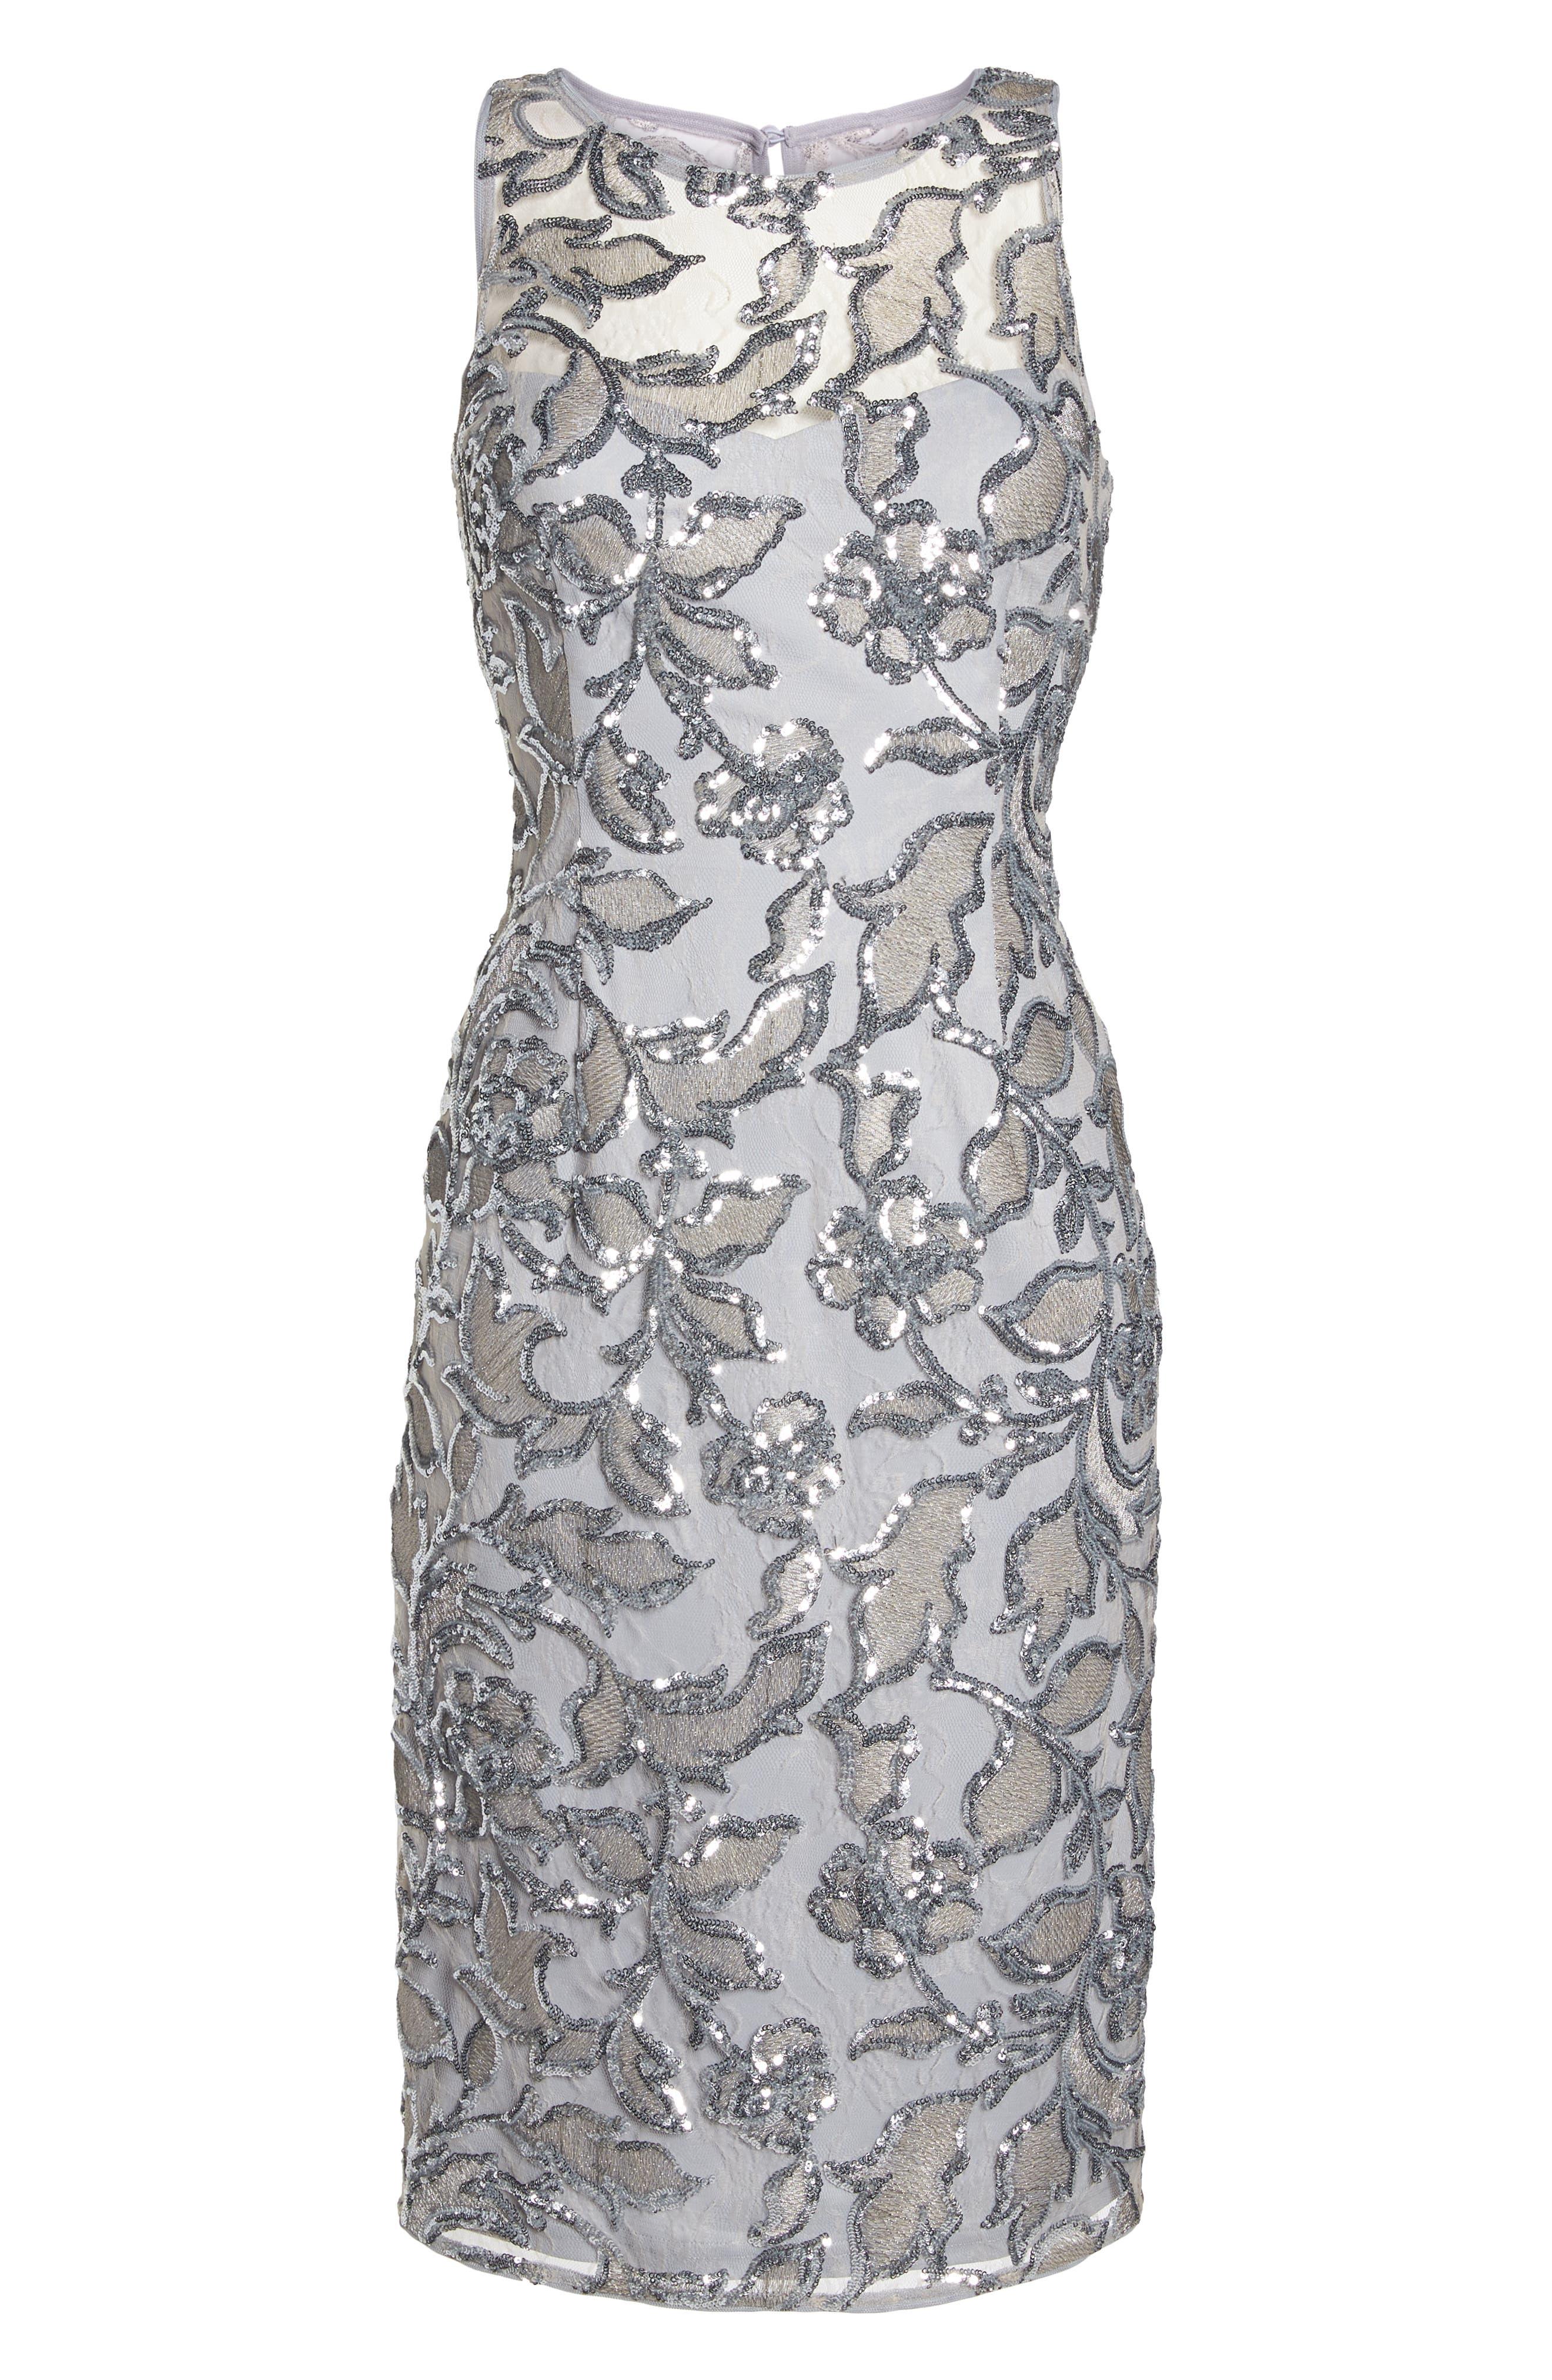 Floral Sequin Sheath Dress,                             Alternate thumbnail 7, color,                             040